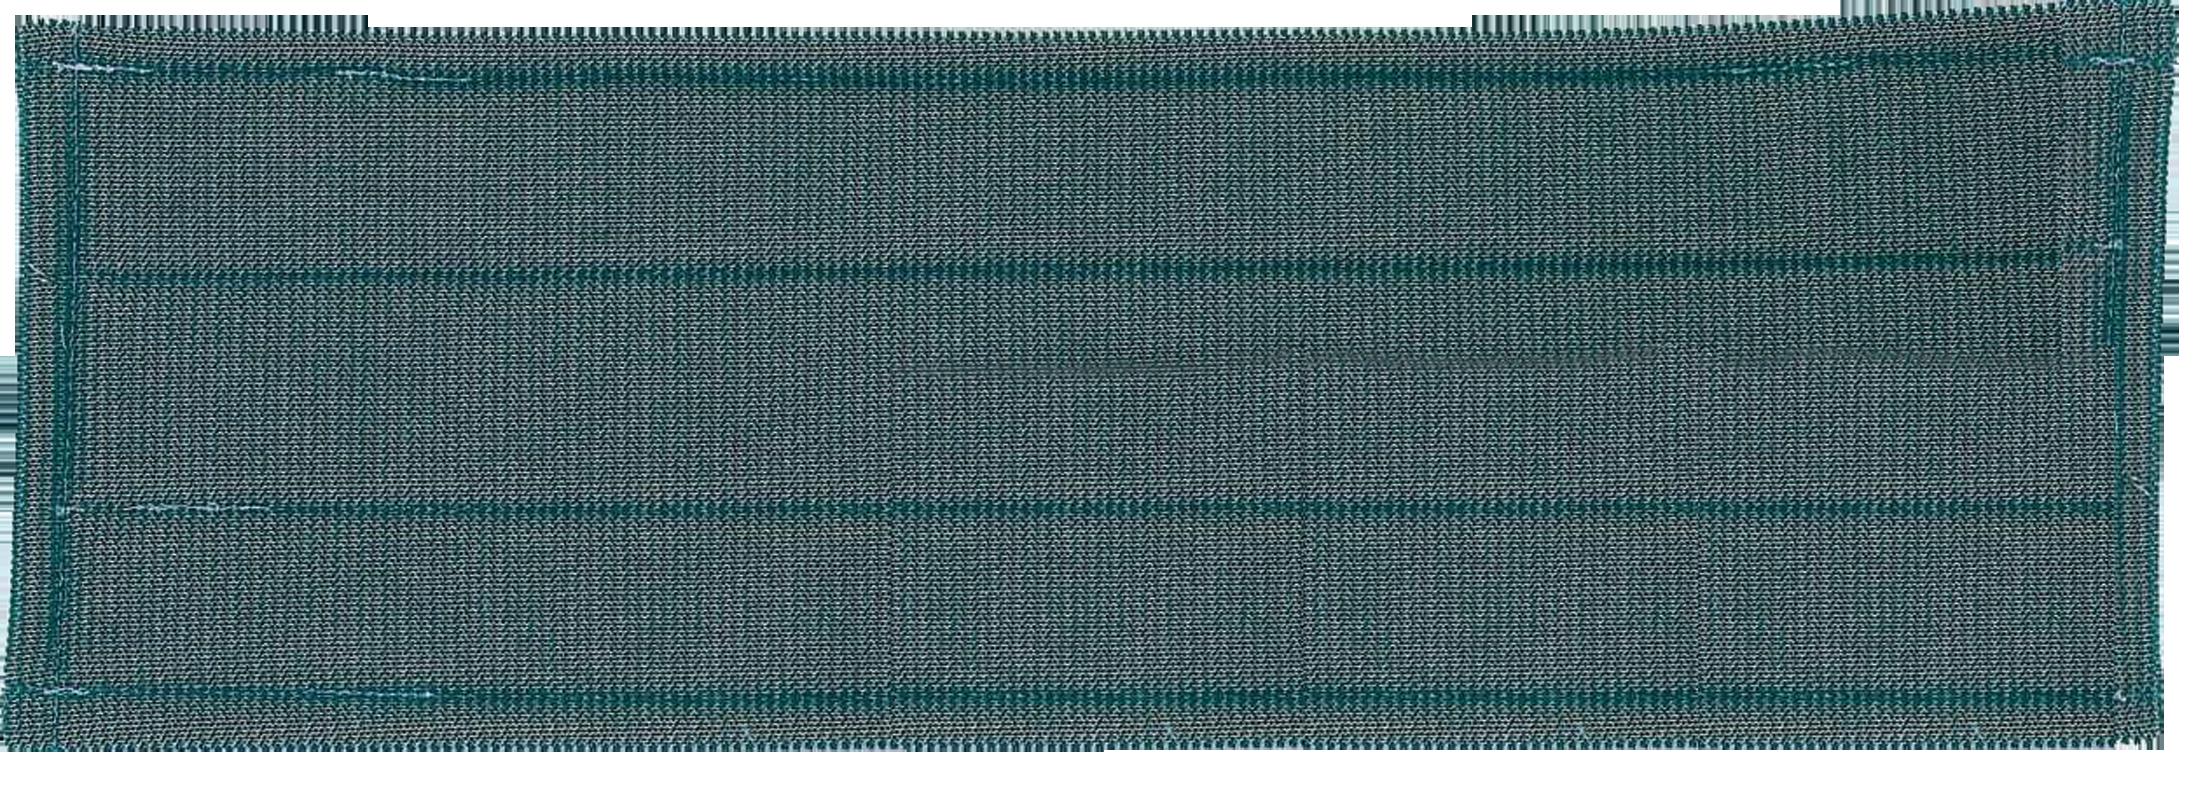 borsten-mop-2-retus.png